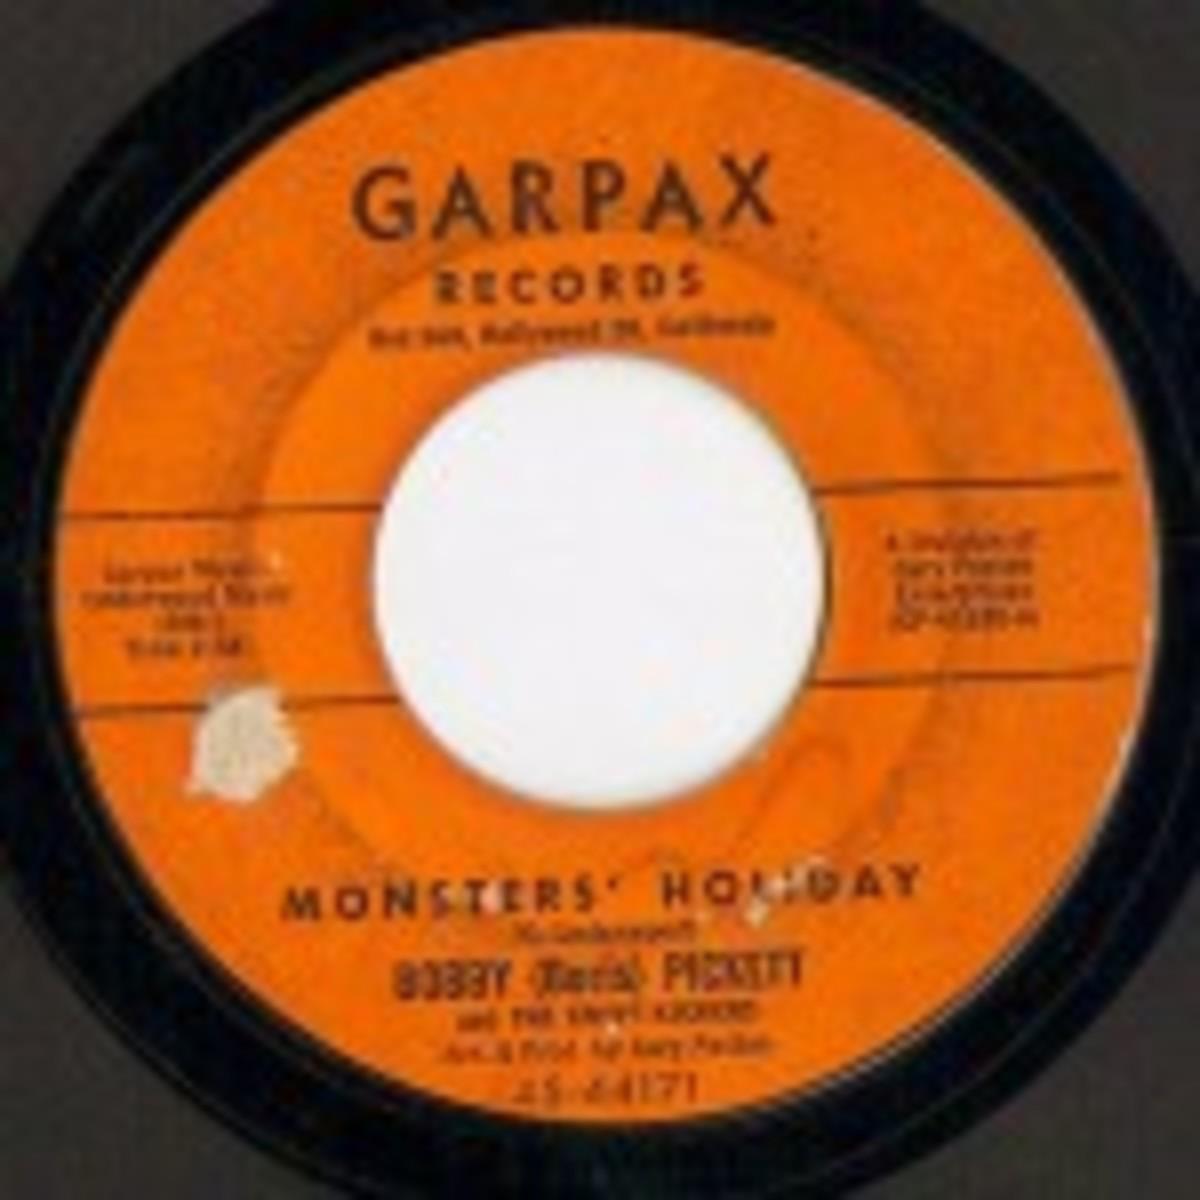 Monsters Holiday by Bobby Boris Pickett